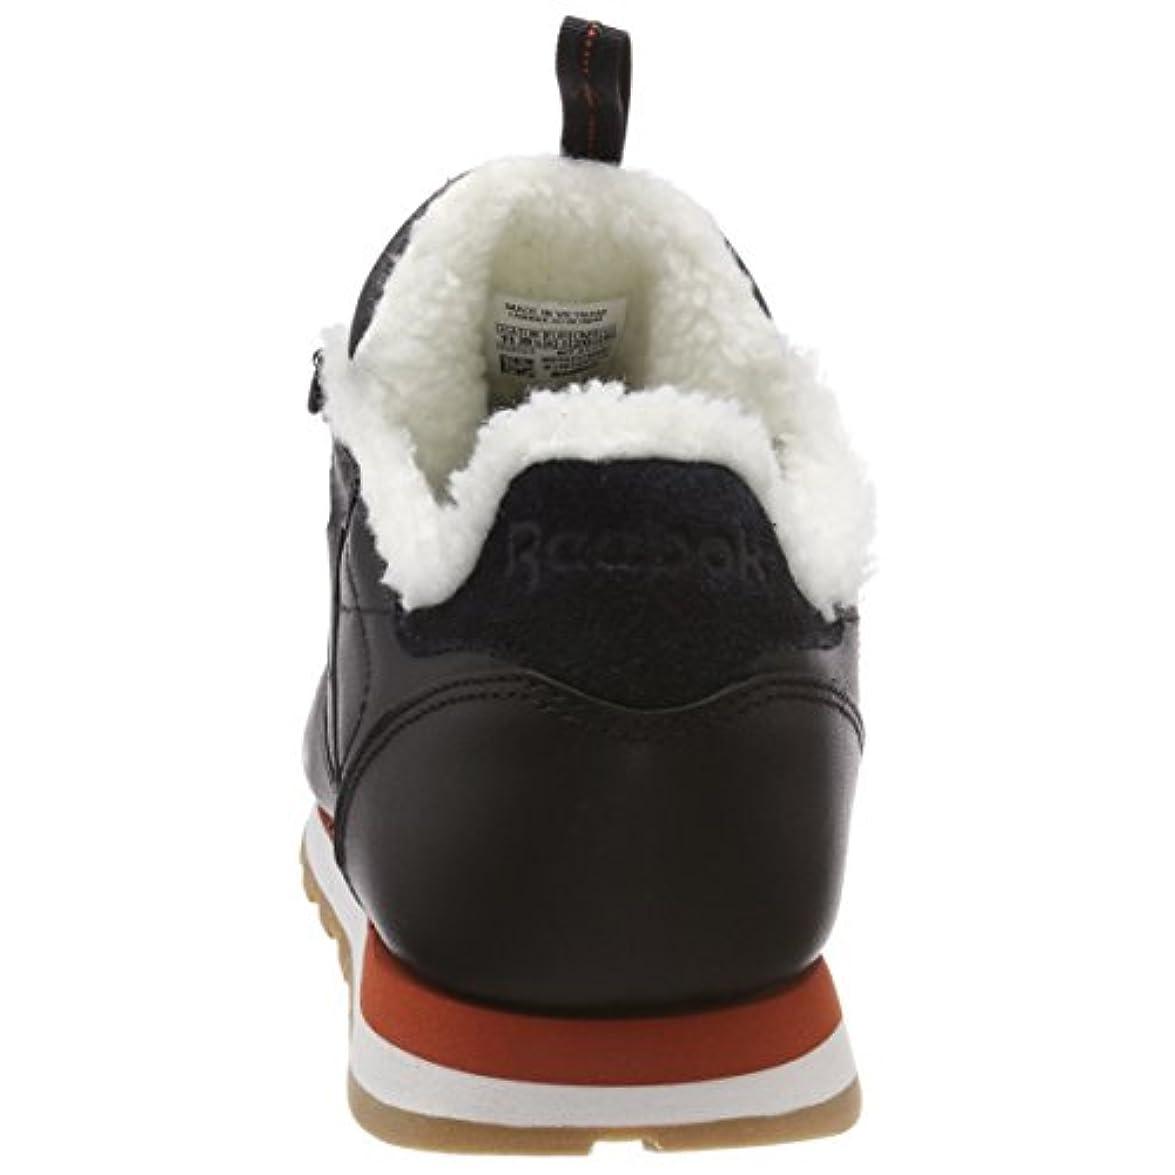 Reebok Classic Leather Arctic Scarpe Da Ginnastica Basse Donna